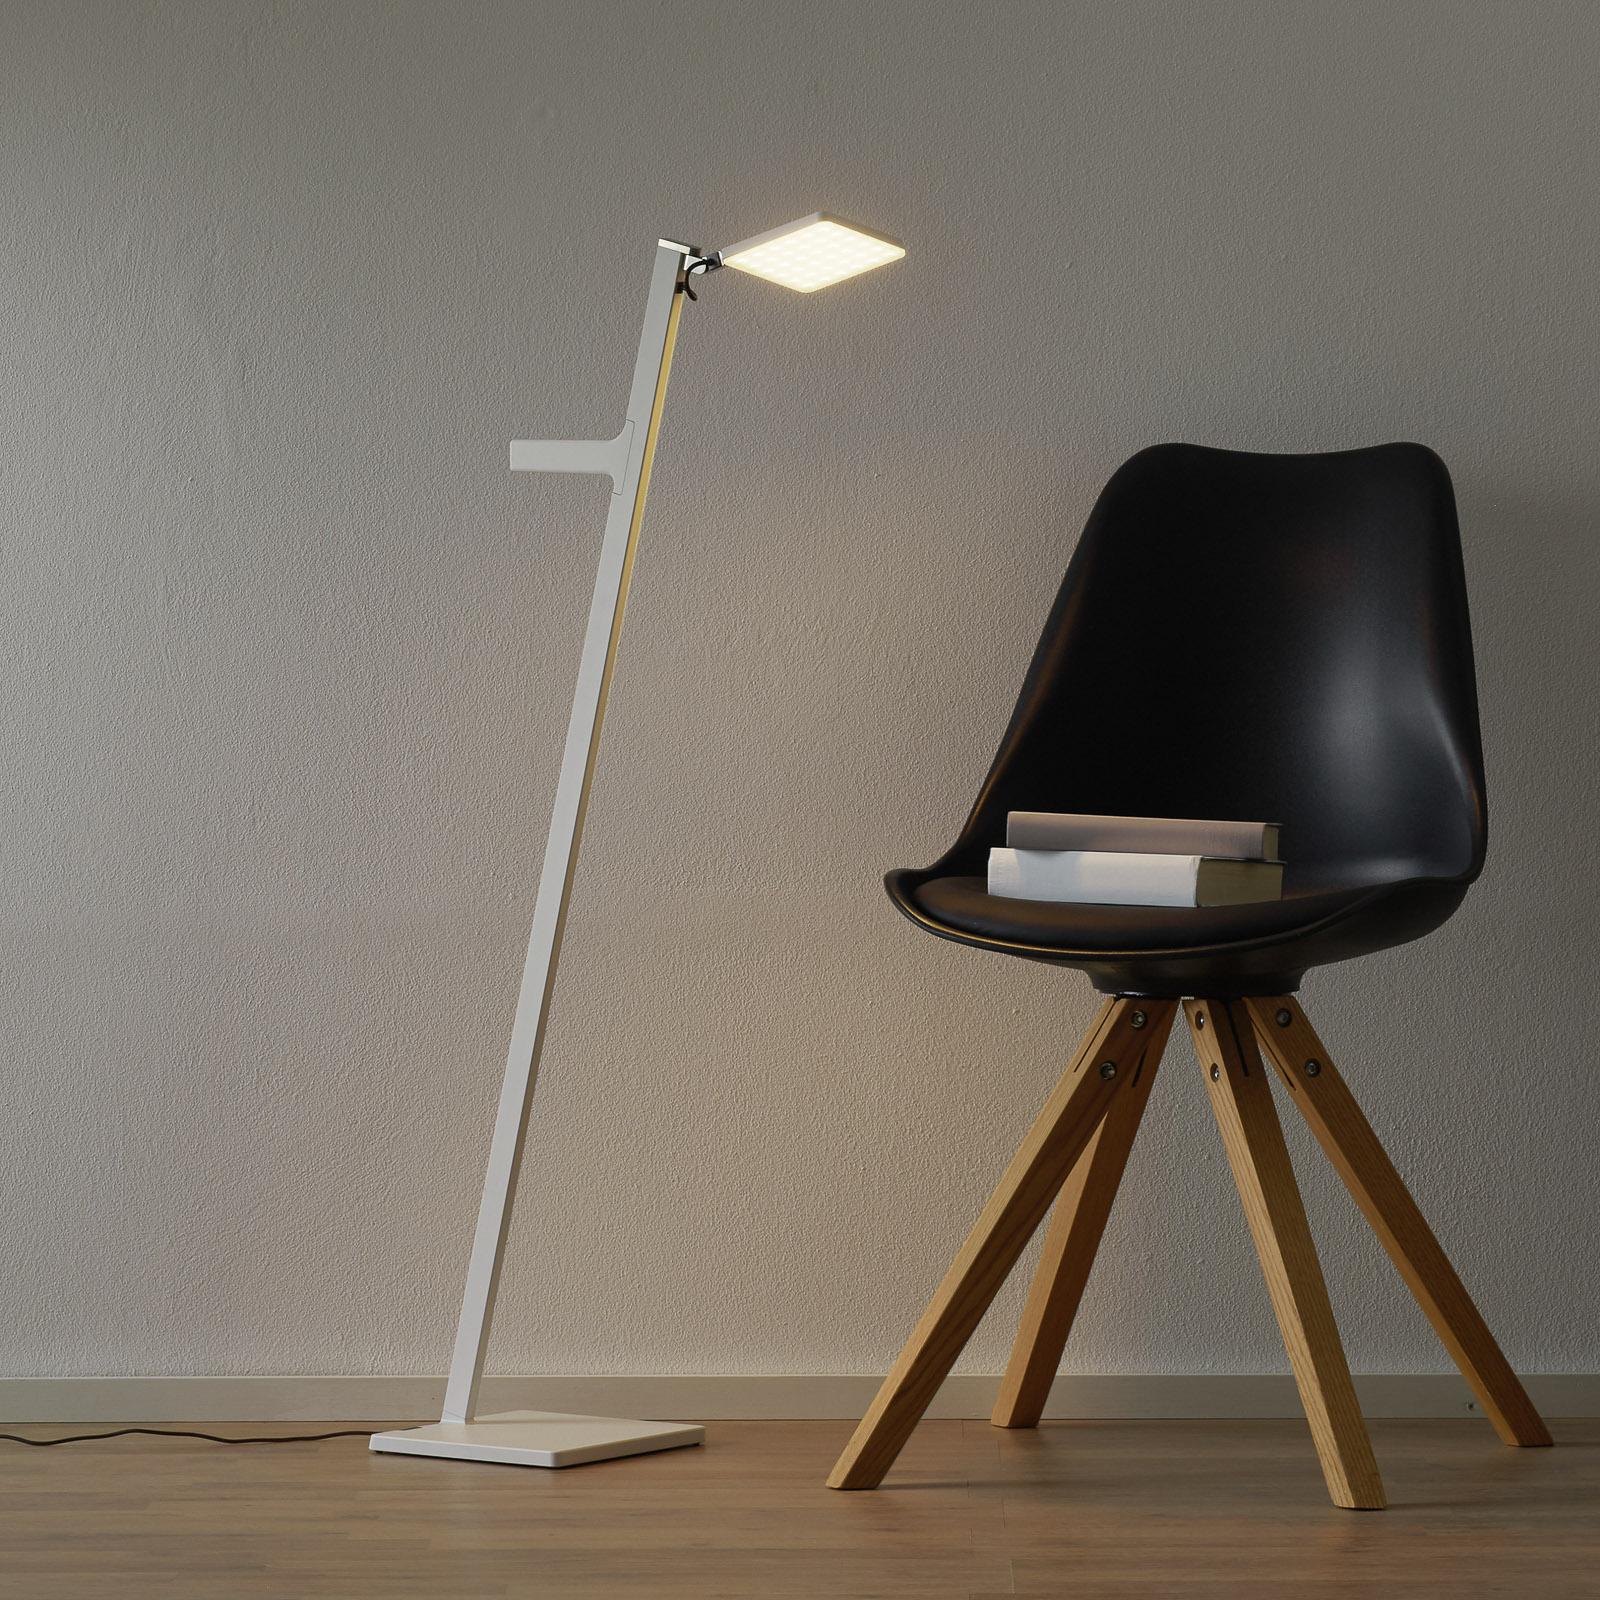 Nimbus Roxxane Leggera LED vloerlamp, wit